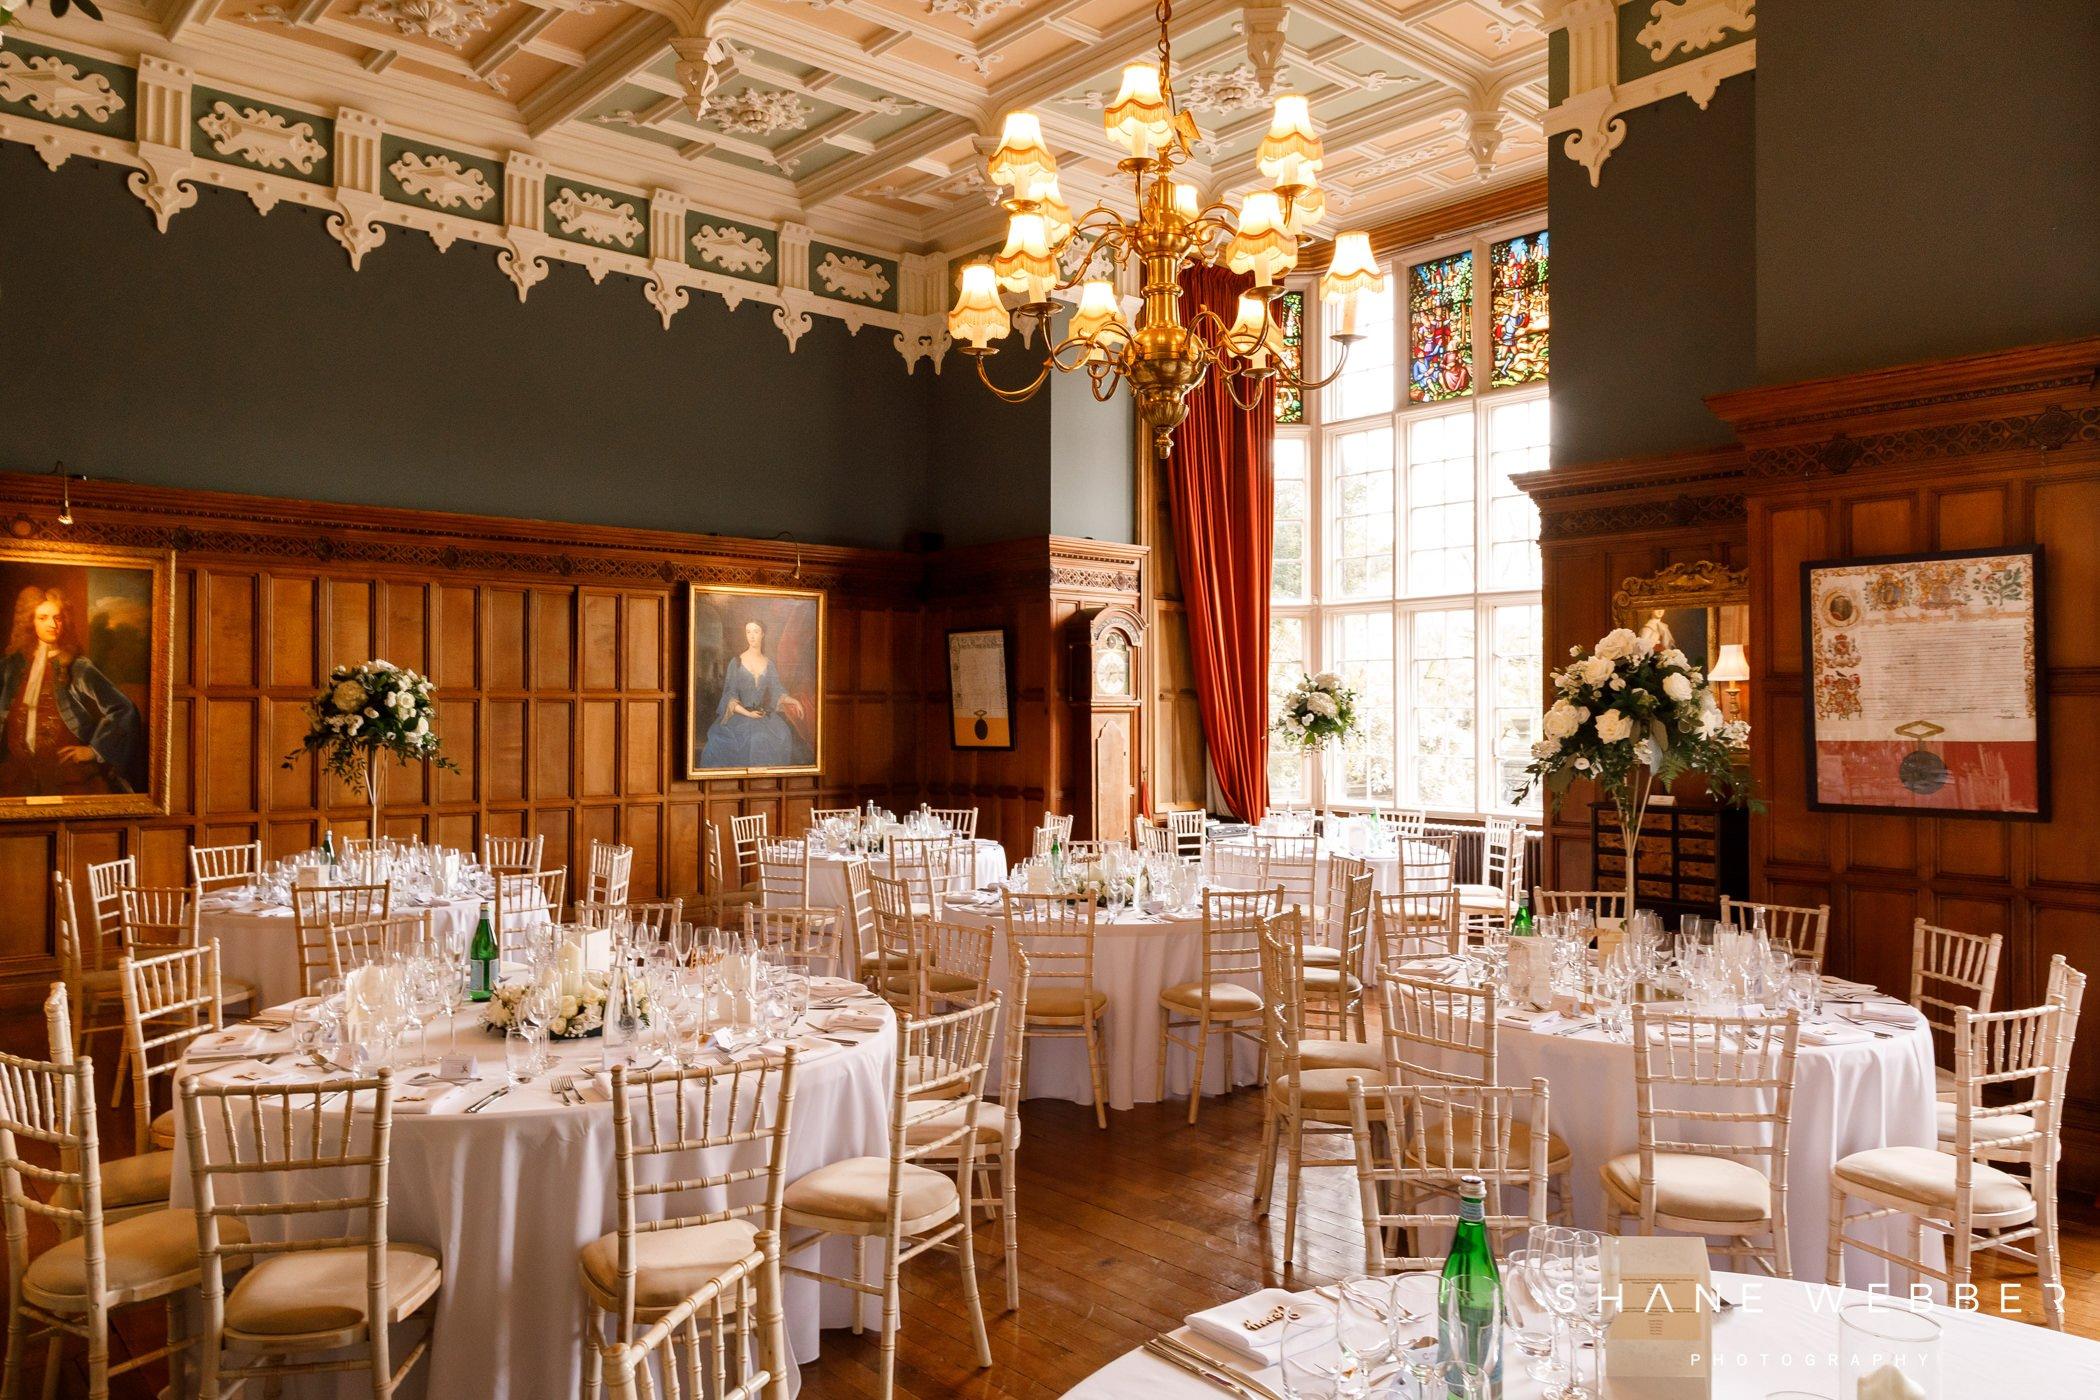 arley hall wedding reception